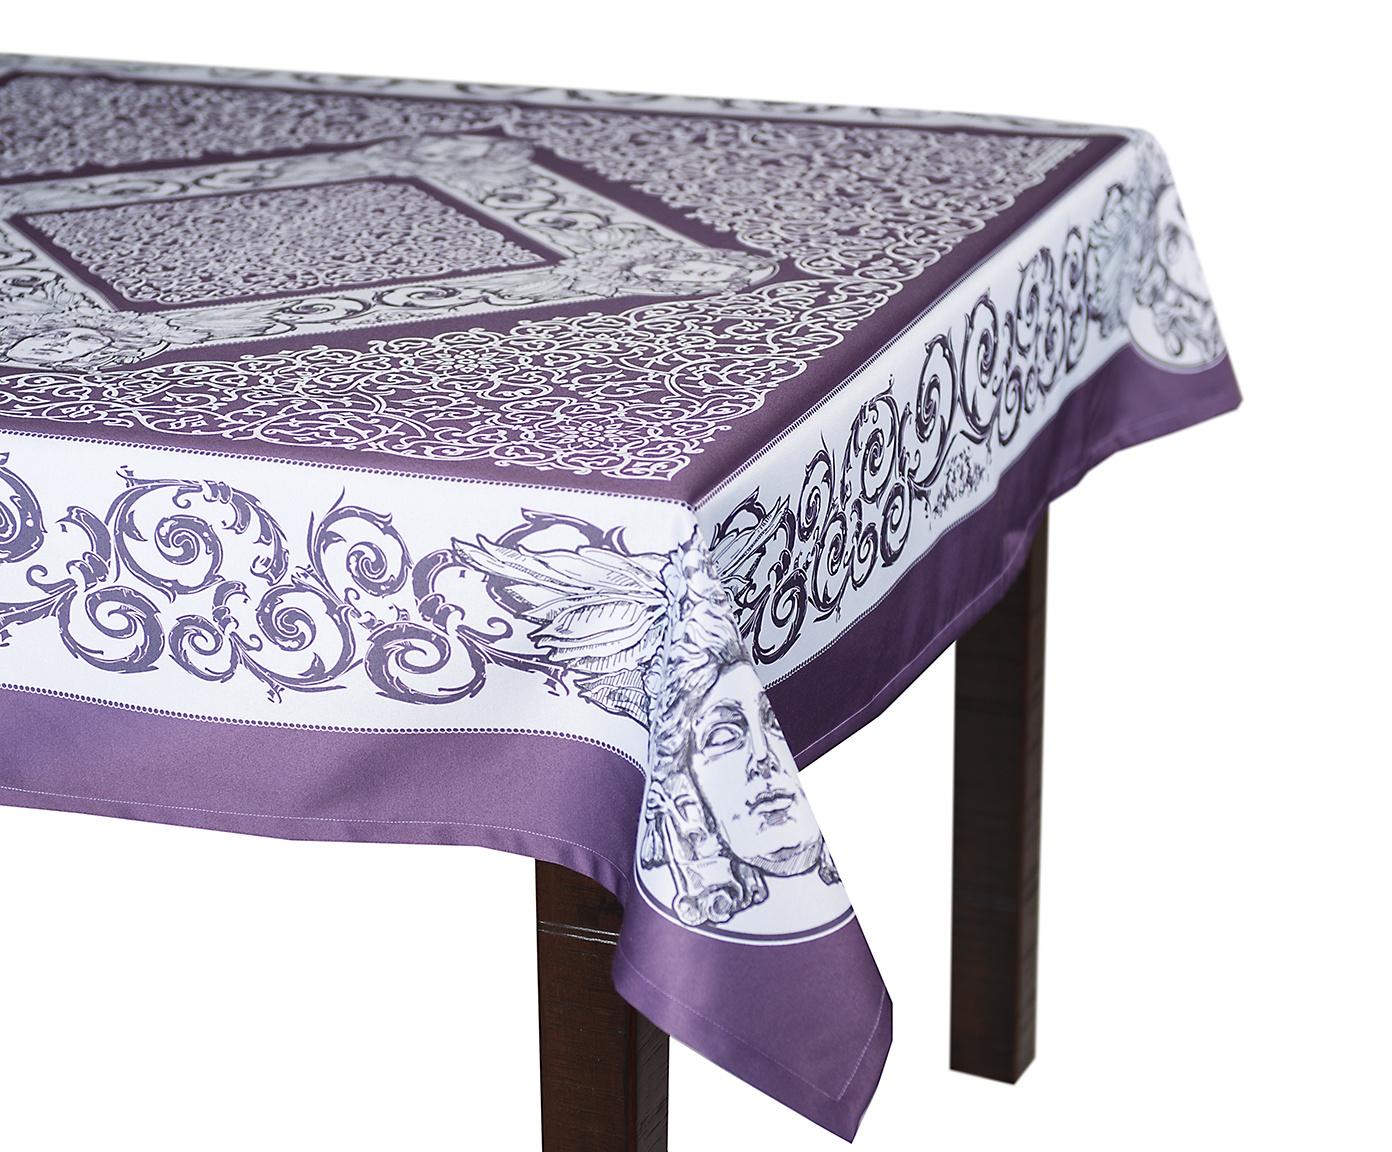 Скатерть Blonder Home CHRONOS, фиолетовый цена